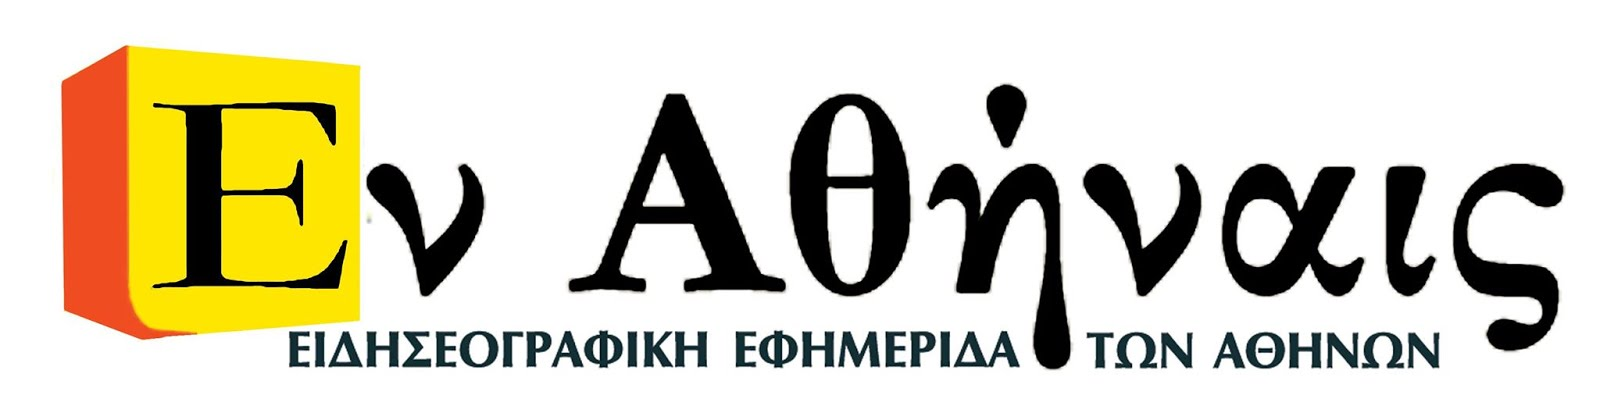 Eν Αθήναις από το 1993 κοντά στον πολίτη